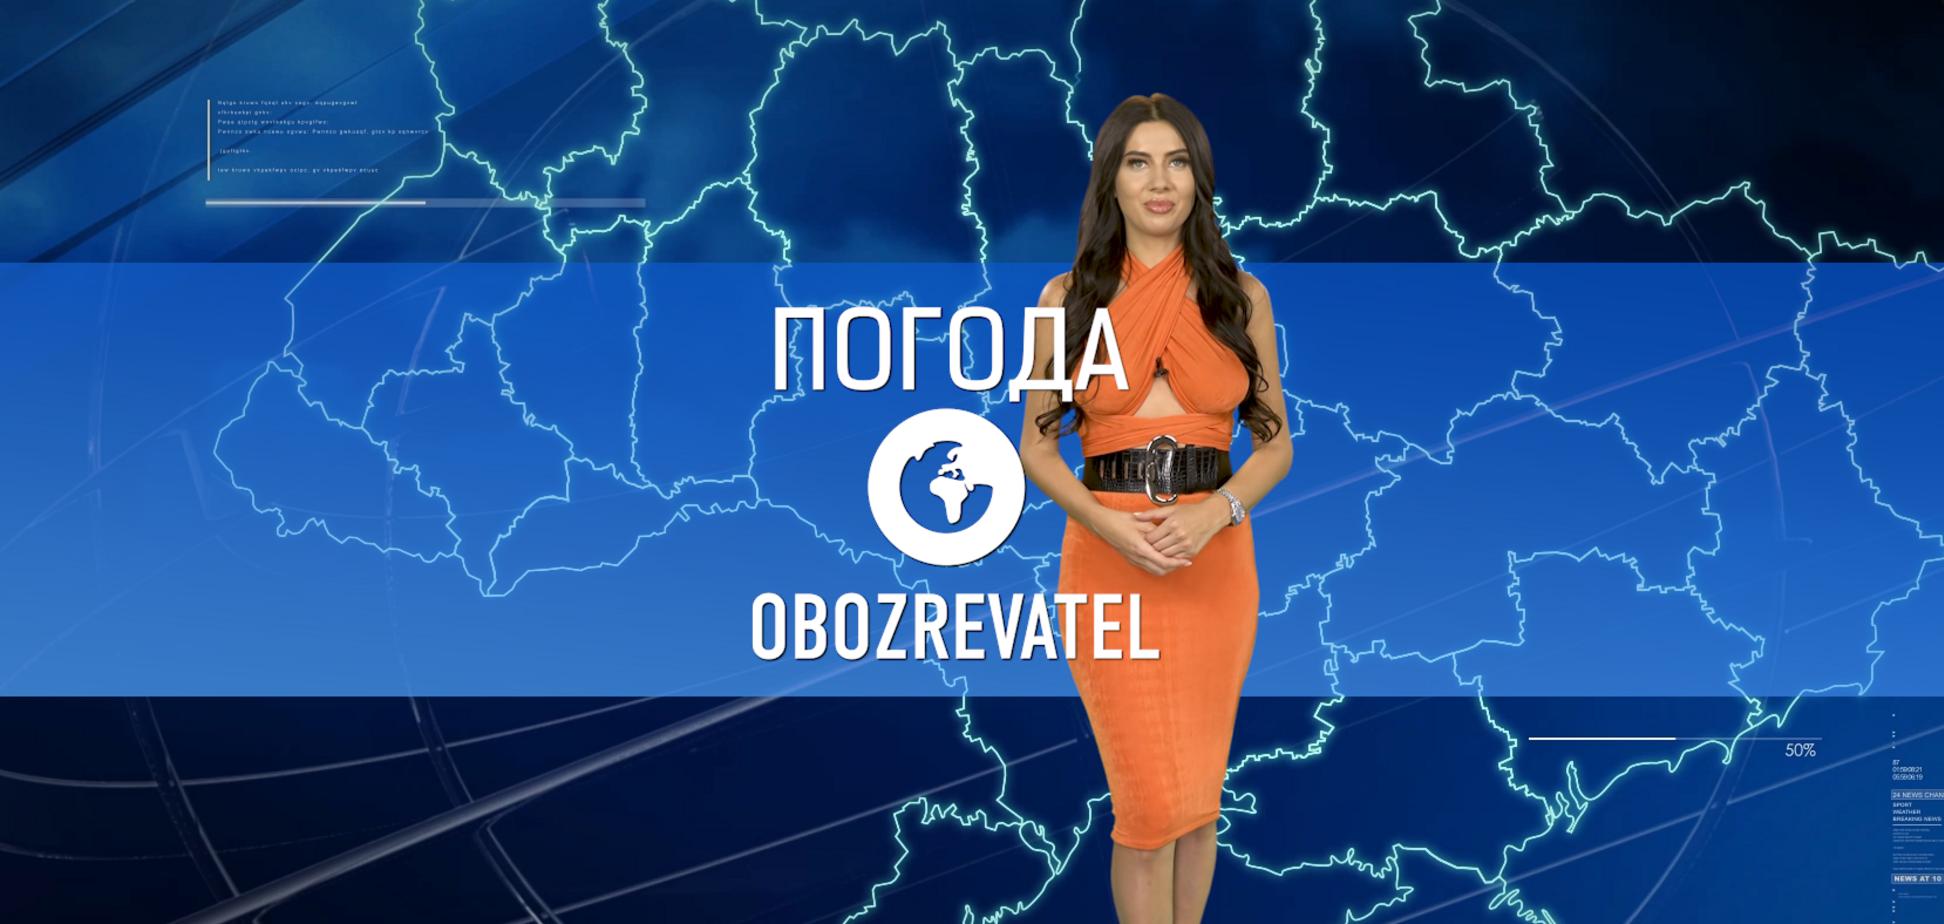 Прогноз погоди в Україні на середу, 8 вересня, з Алісою Мярковською